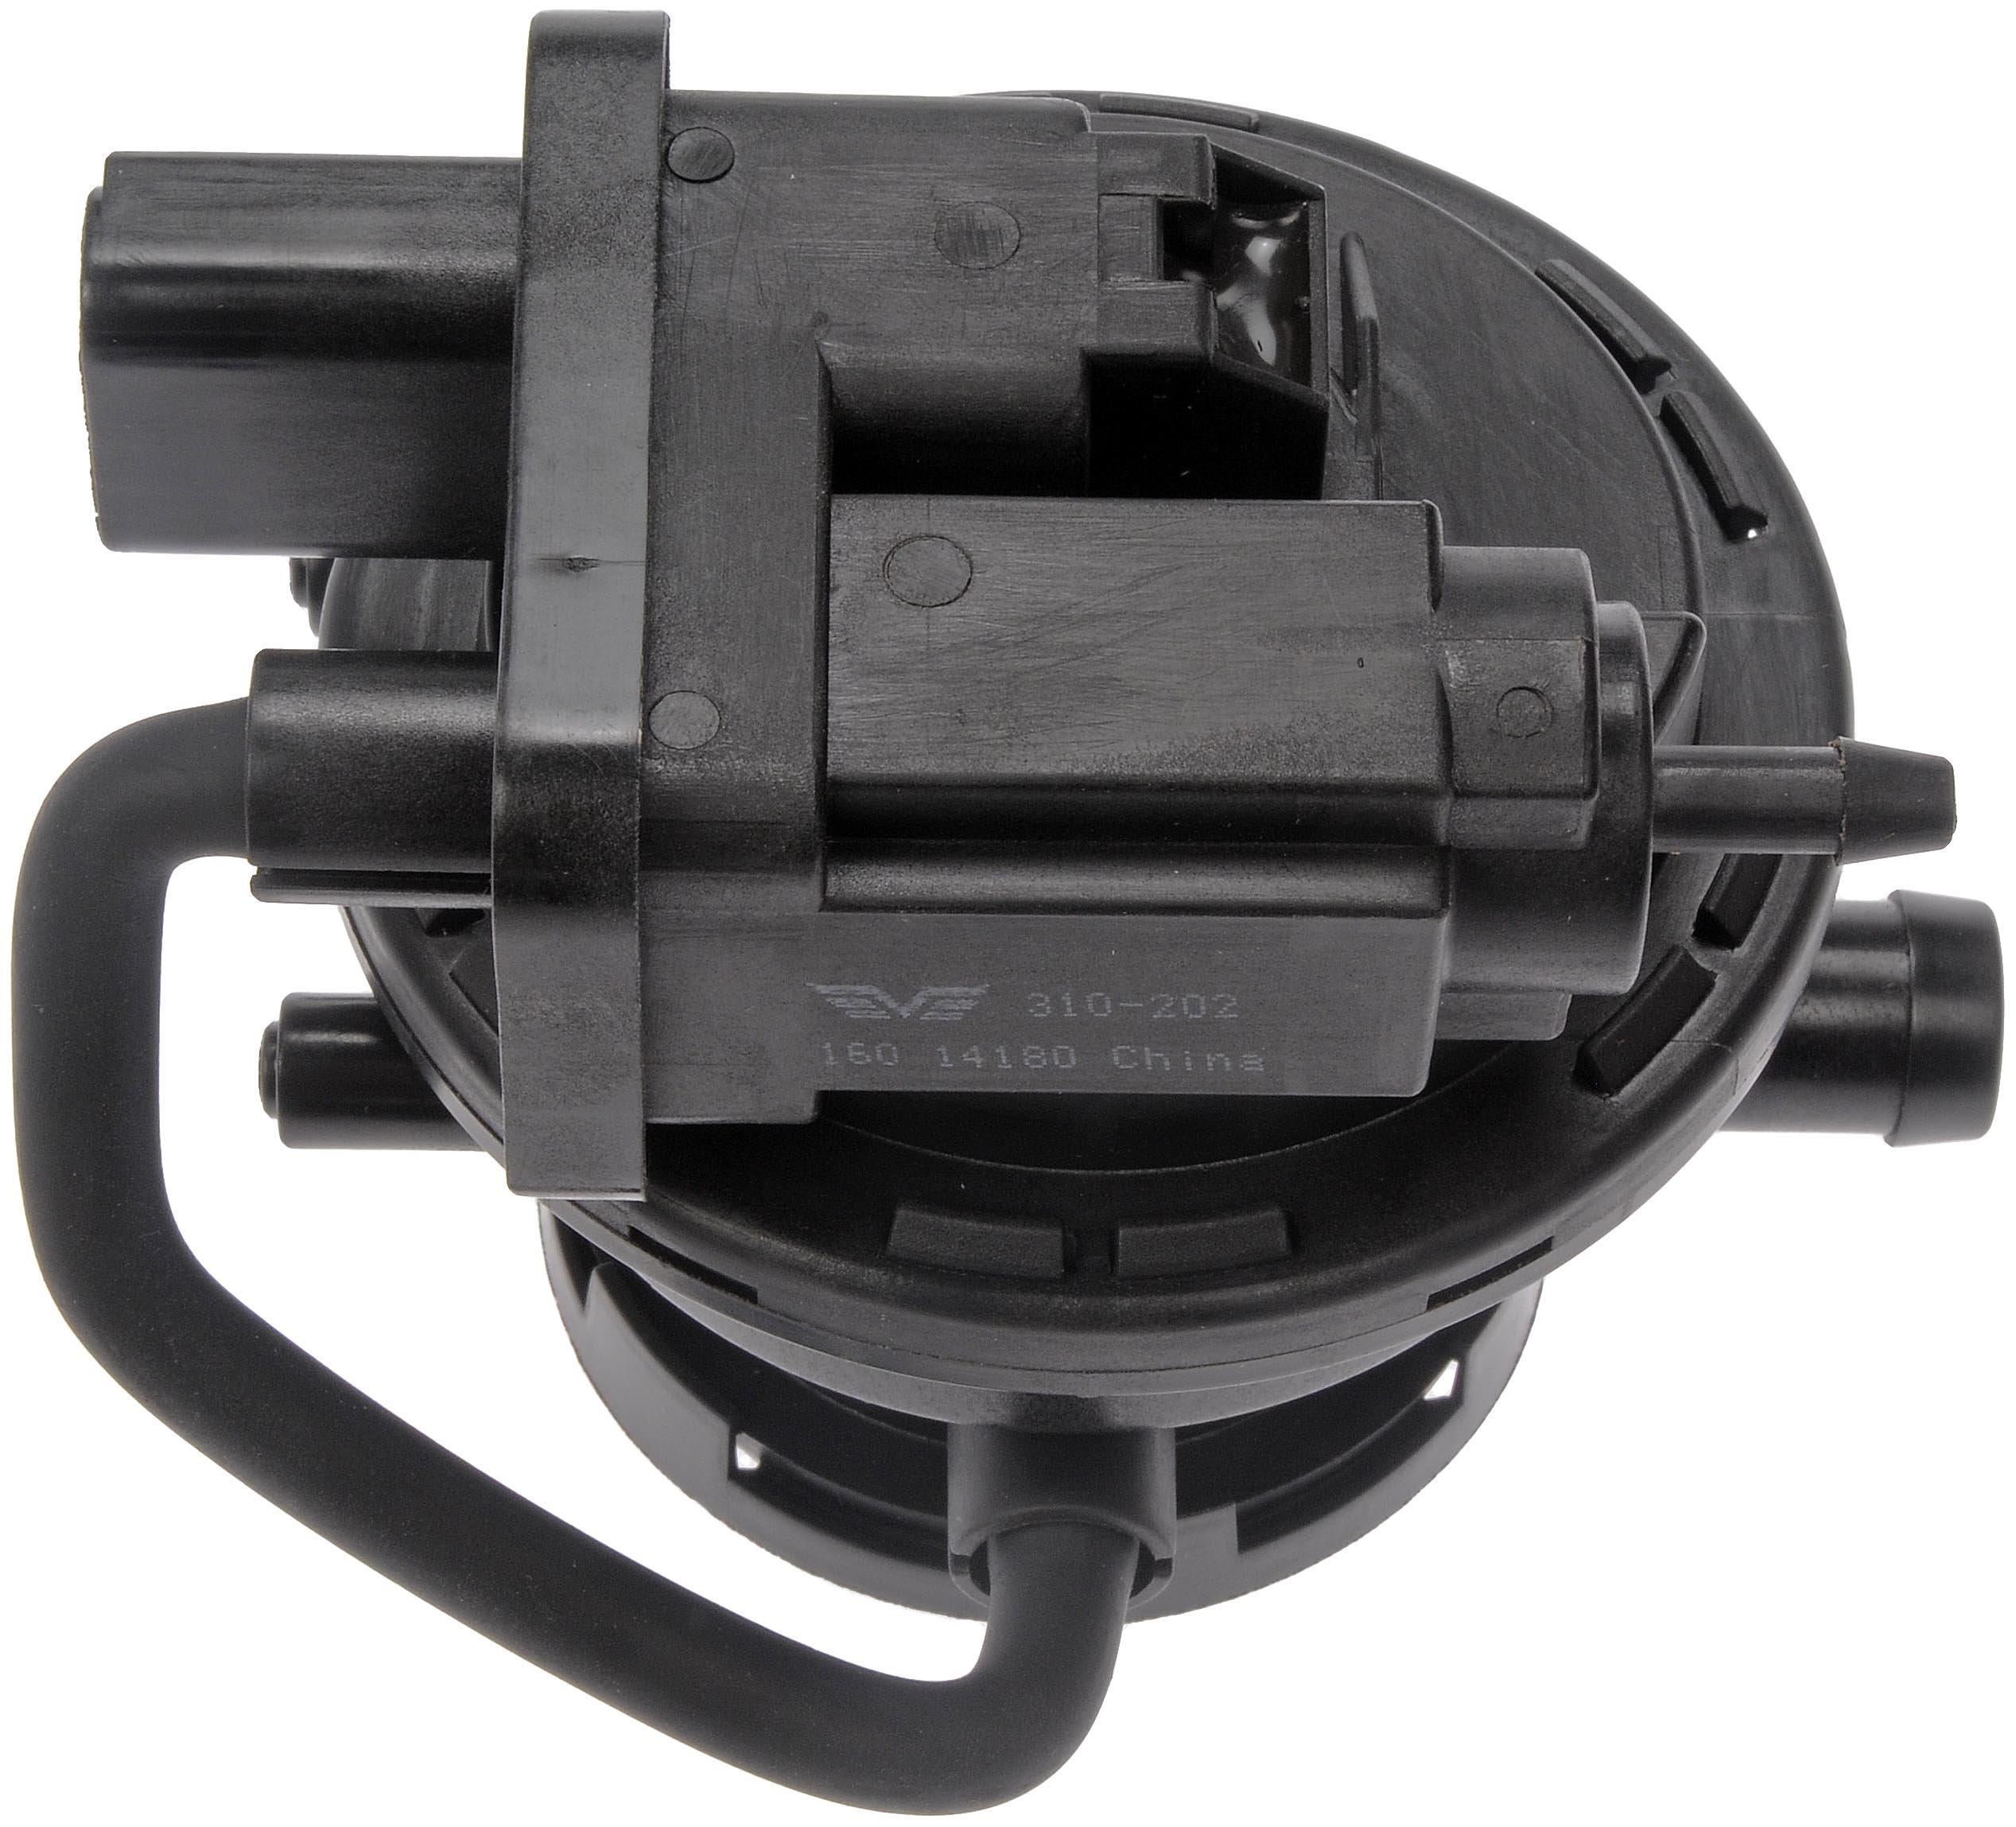 Dorman 310-202 Fuel Vapor Leak Detection Pump by Dorman (Image #1)